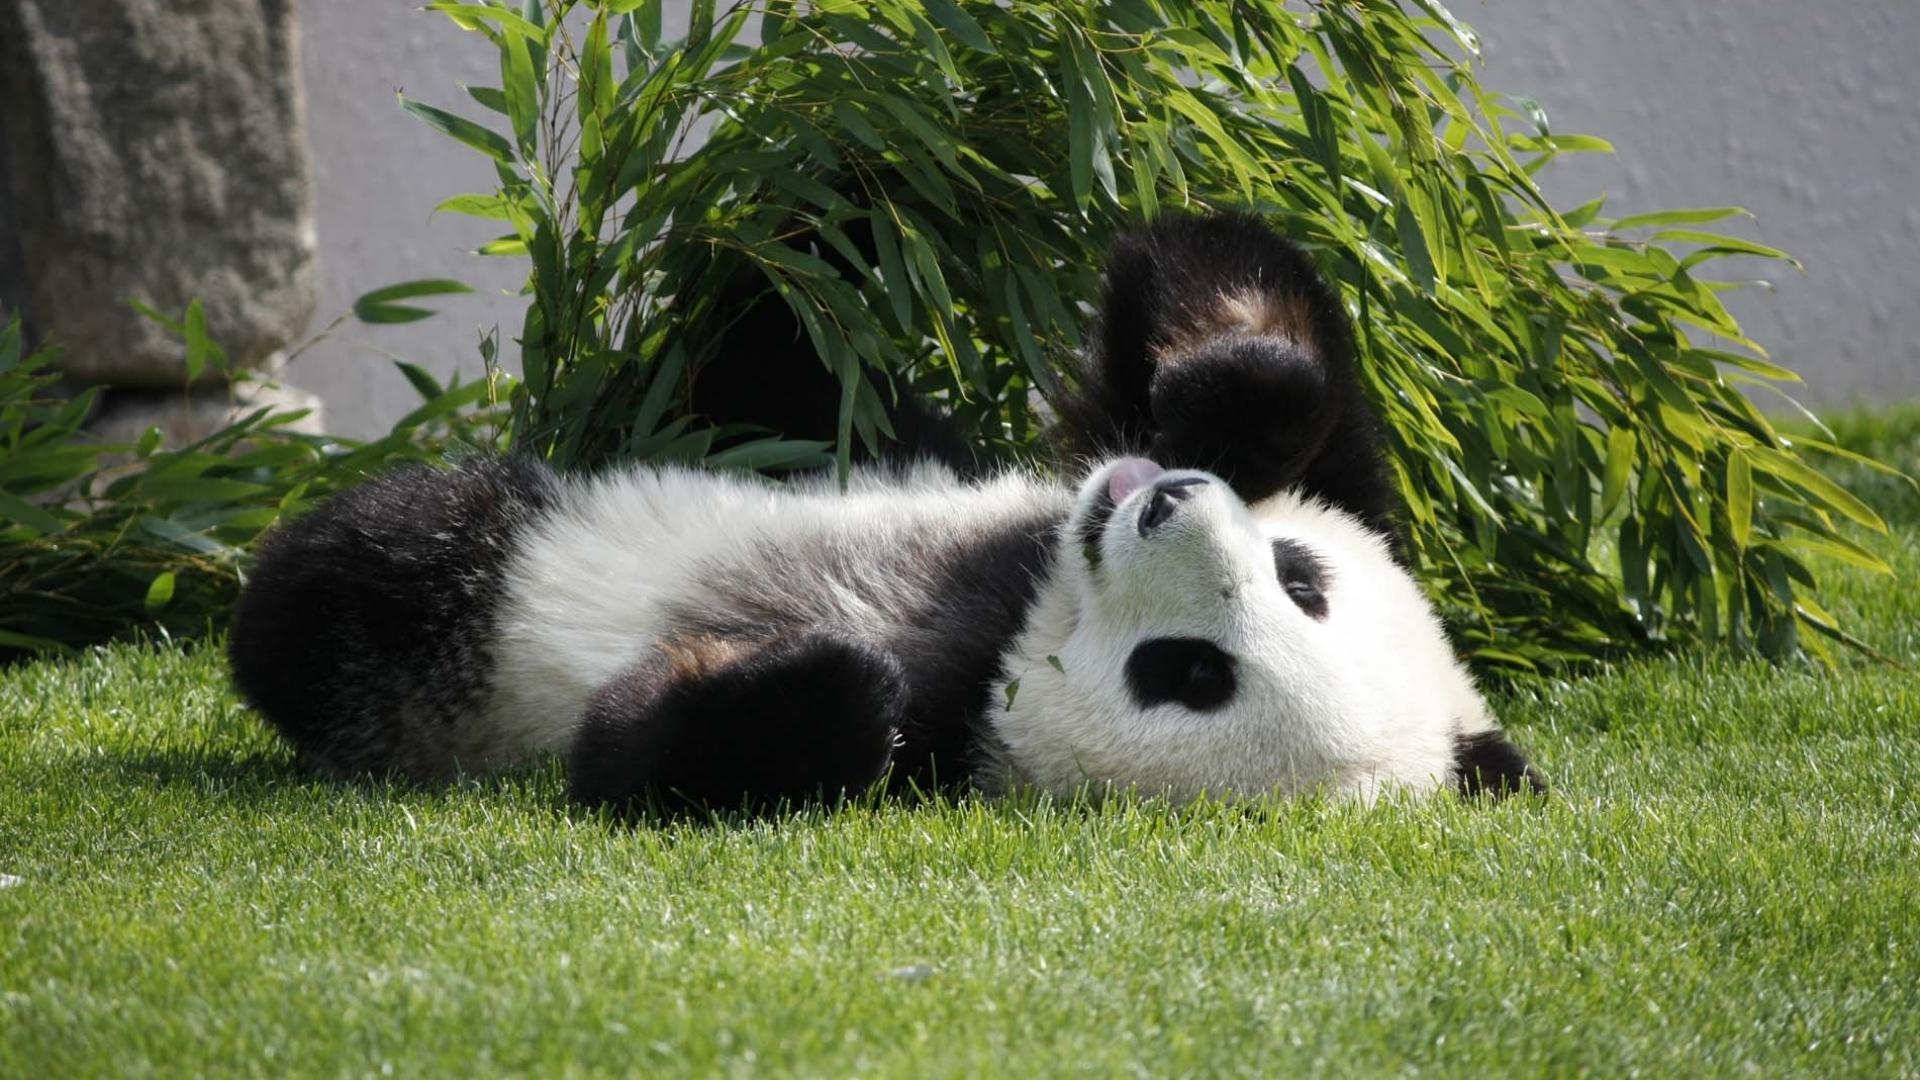 壁纸 大熊猫 动物 狗 狗狗